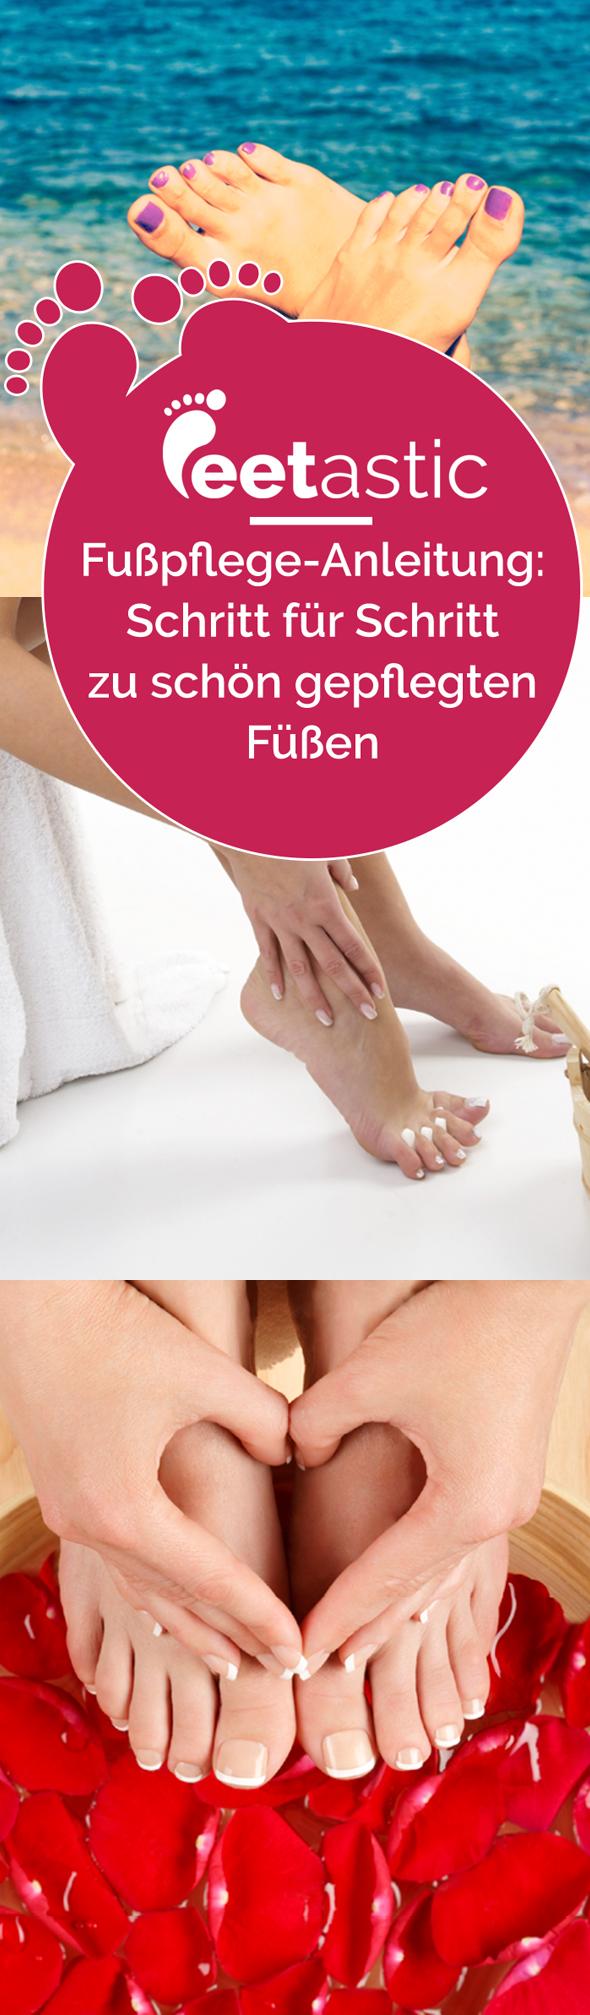 Fußpflege selber machen –wie vom Profi? Mit dieser Fußpflege Anleitung gelingt die Pediküre auch kinderleicht im heimischen Badezimmer. Unsere Fußpflege-Tipps.